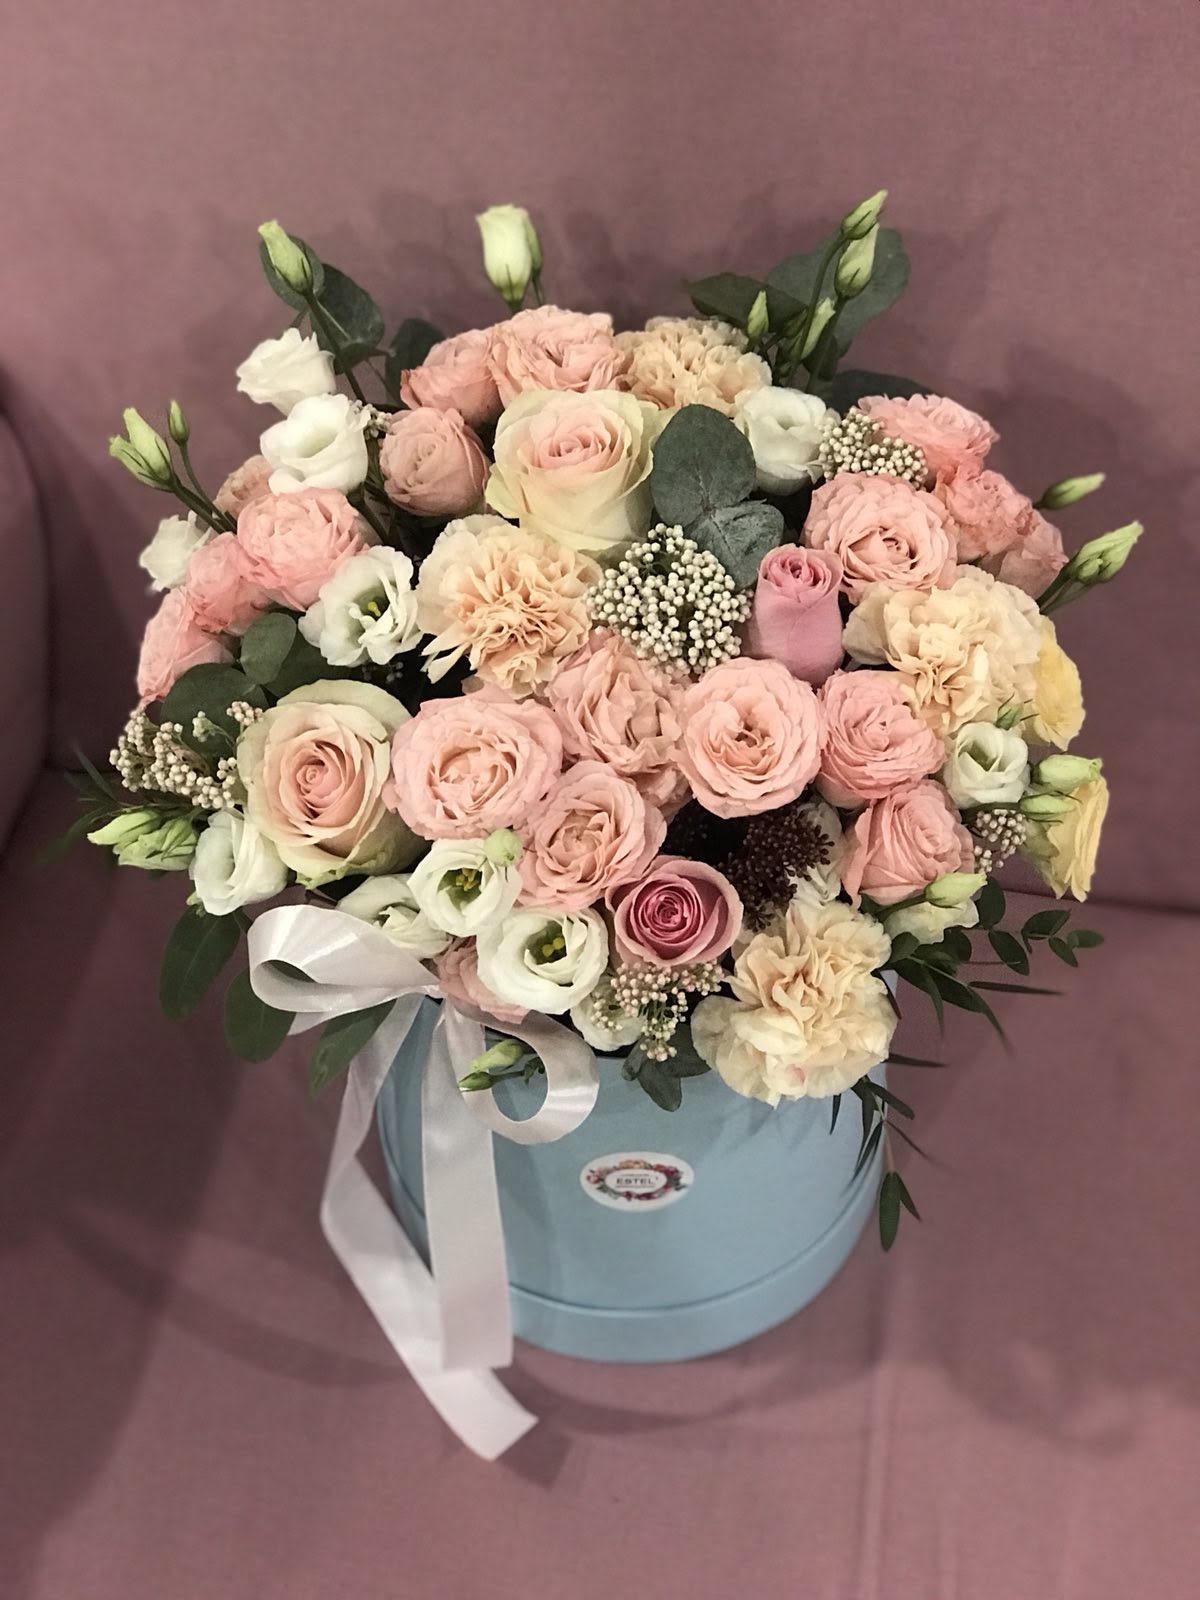 Закажи красивый букет в новом цветочном магазине - получи доставку в подарок!, фото-14